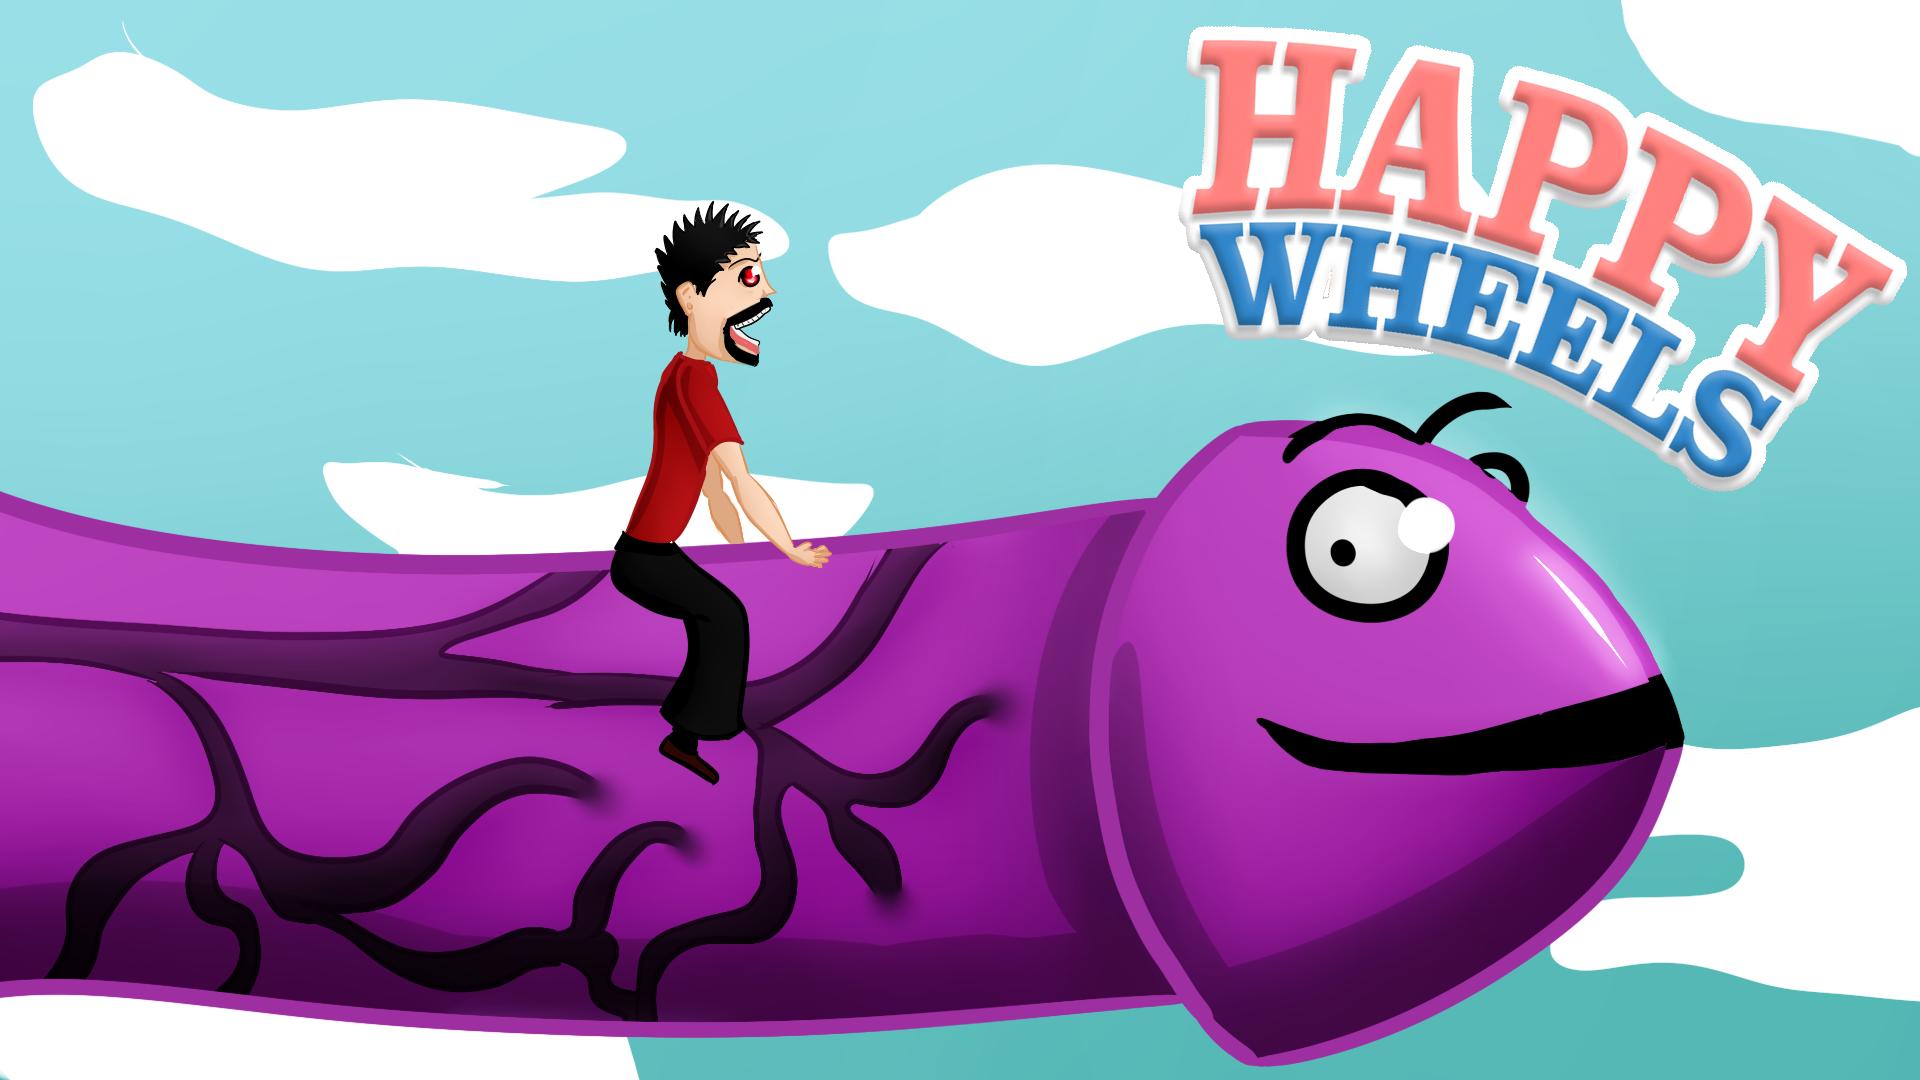 Happy wheels germanletsplay lets - Let s play happy wheels ...